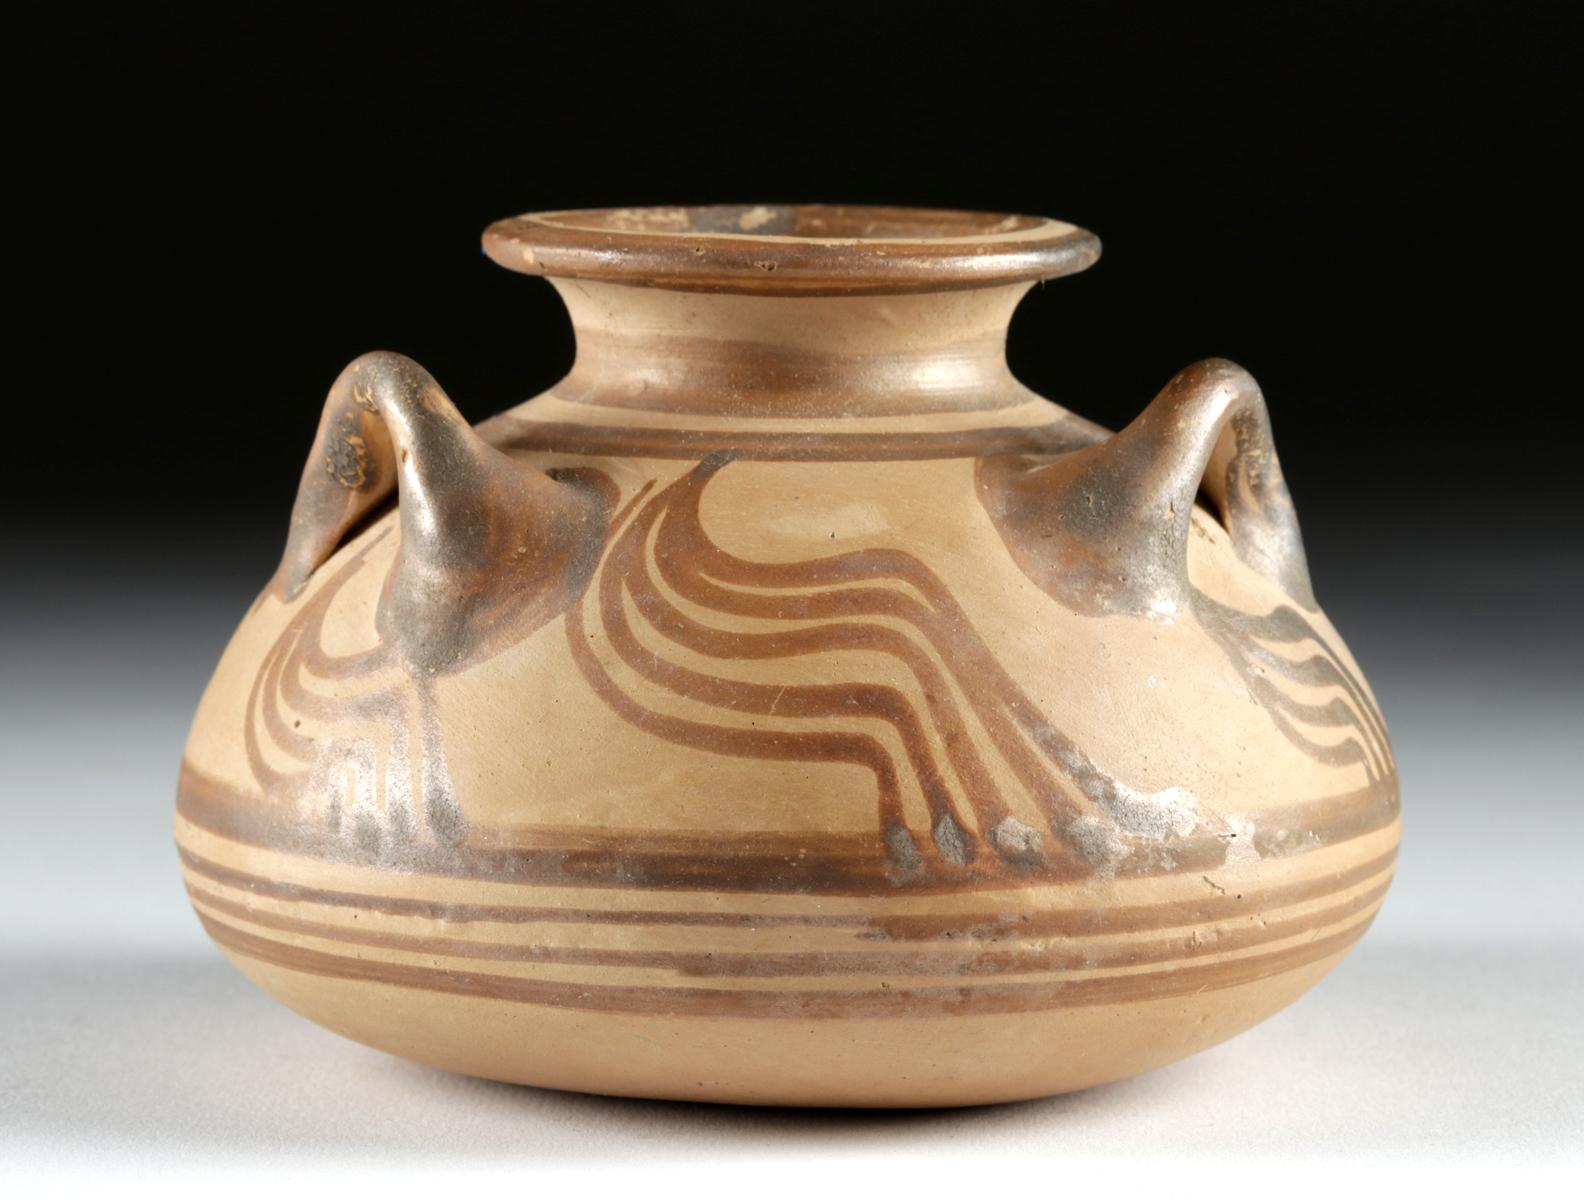 Lot 21a - Gorgeous Mycenaean Pottery Pyxis w/ Three Handles